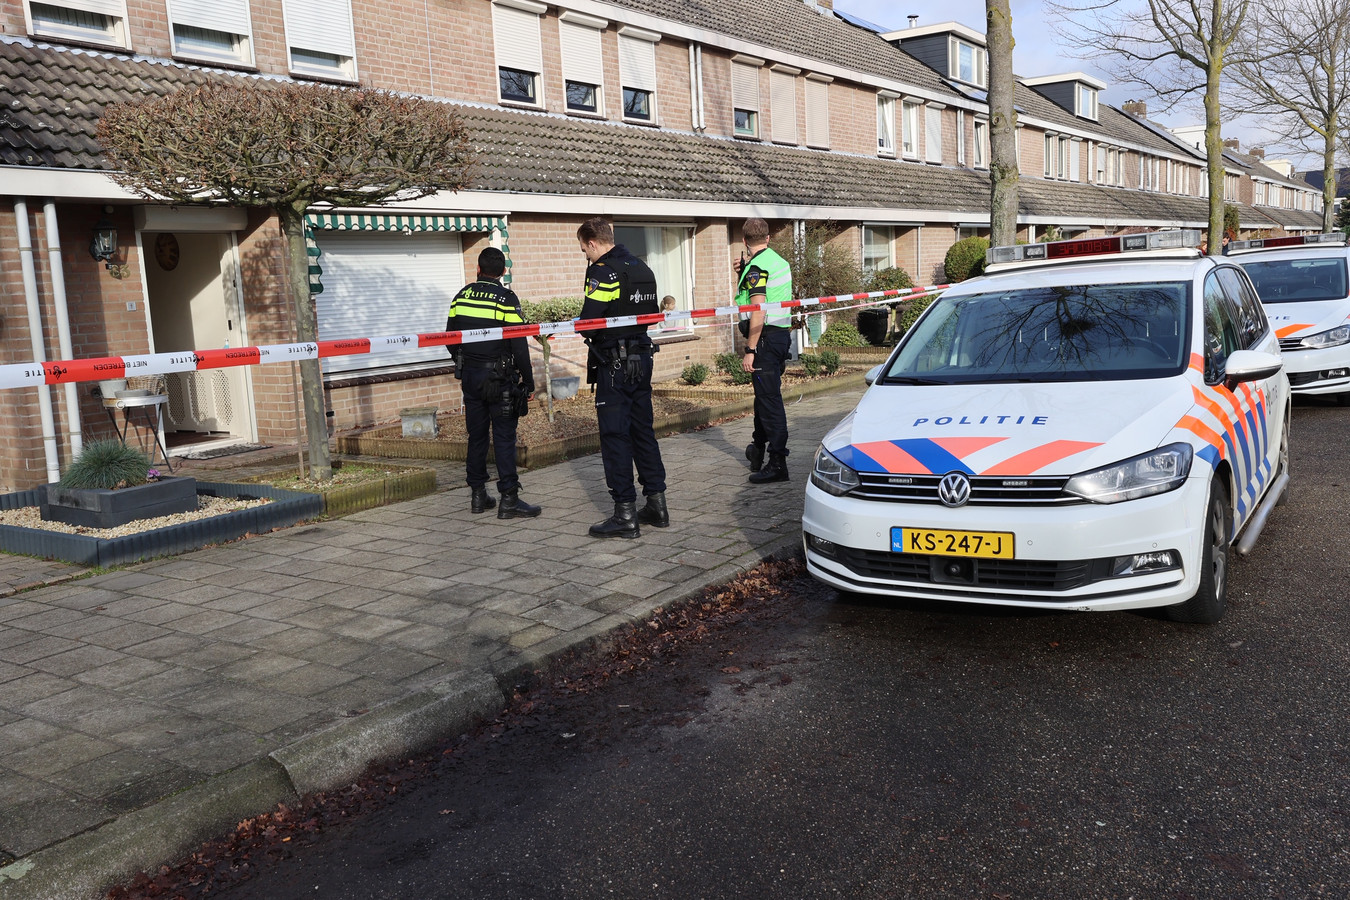 Onderzoek door de politie na schietincident in een huis aan de Cahorslaan